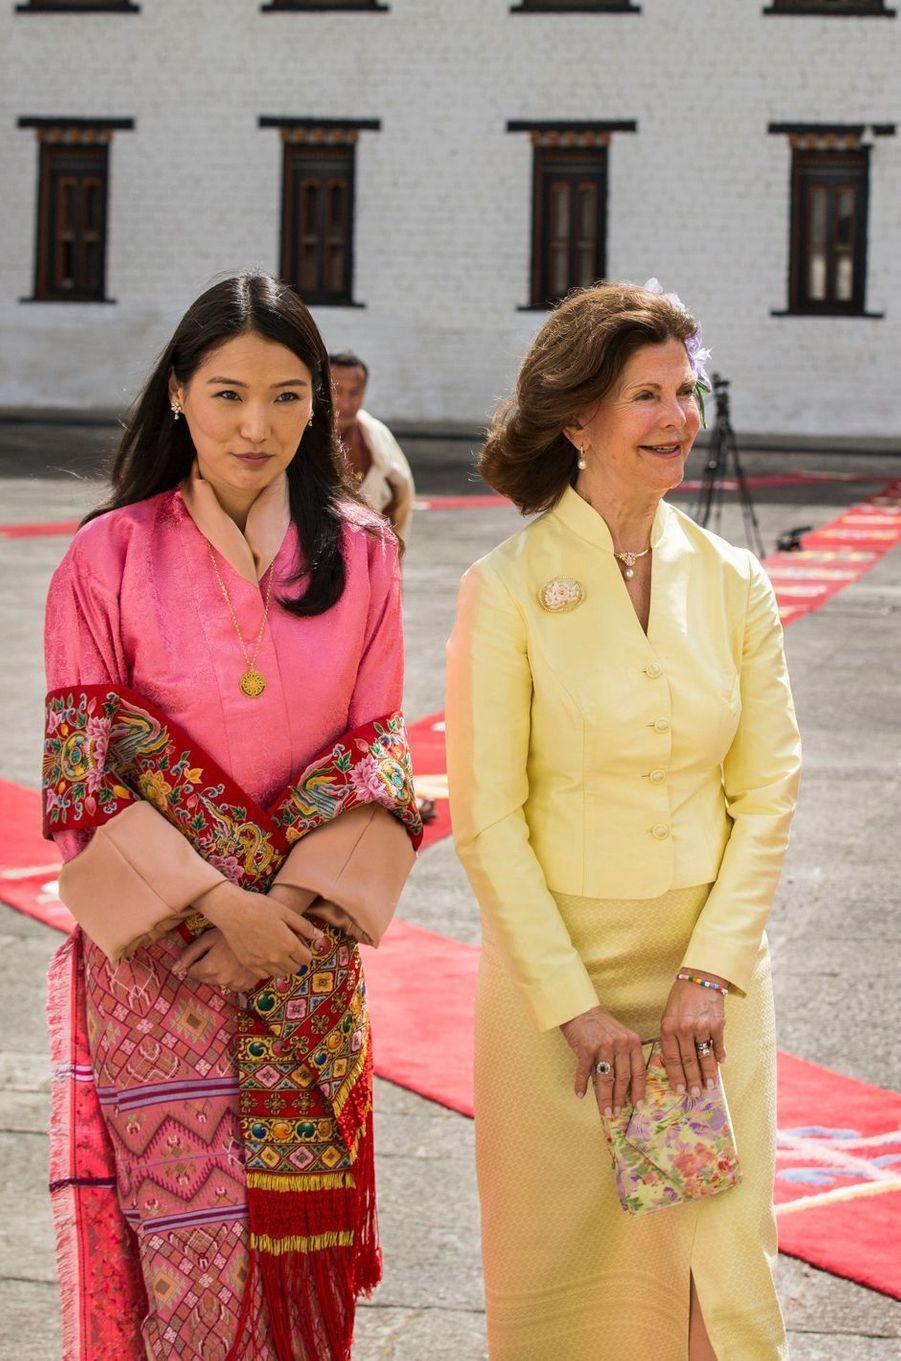 La reine Silvia de Suède avec la reine du Bhoutan Jestun Pema à Thimphu, le 8 juin 2016